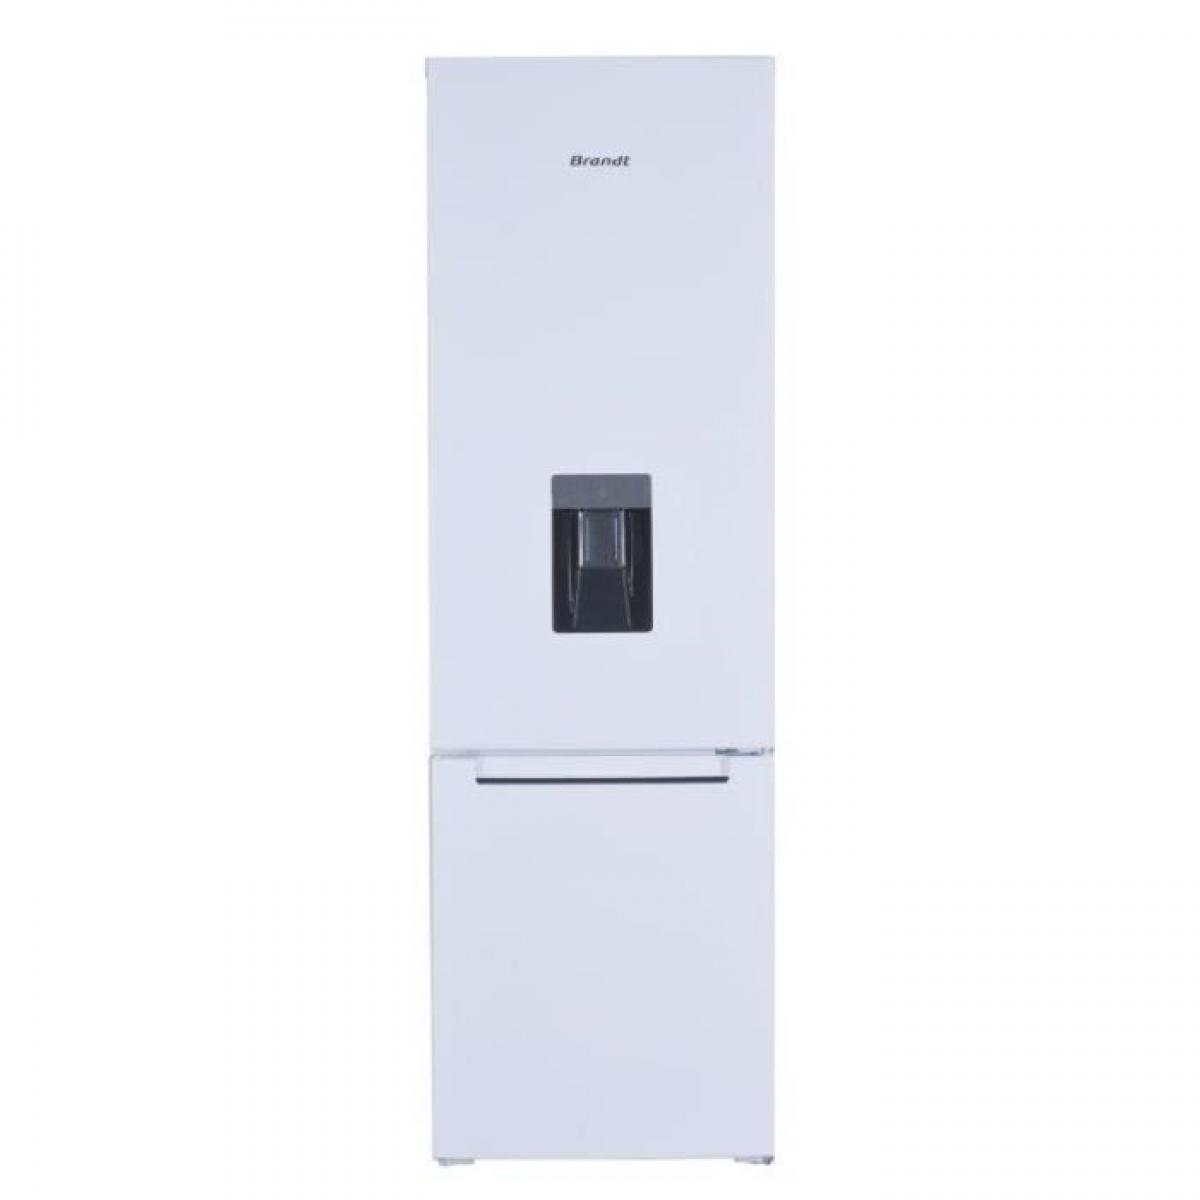 Brandt Réfrigérateur combiné Froid Statique BRANDT 55cm A+, BRA3660767975514